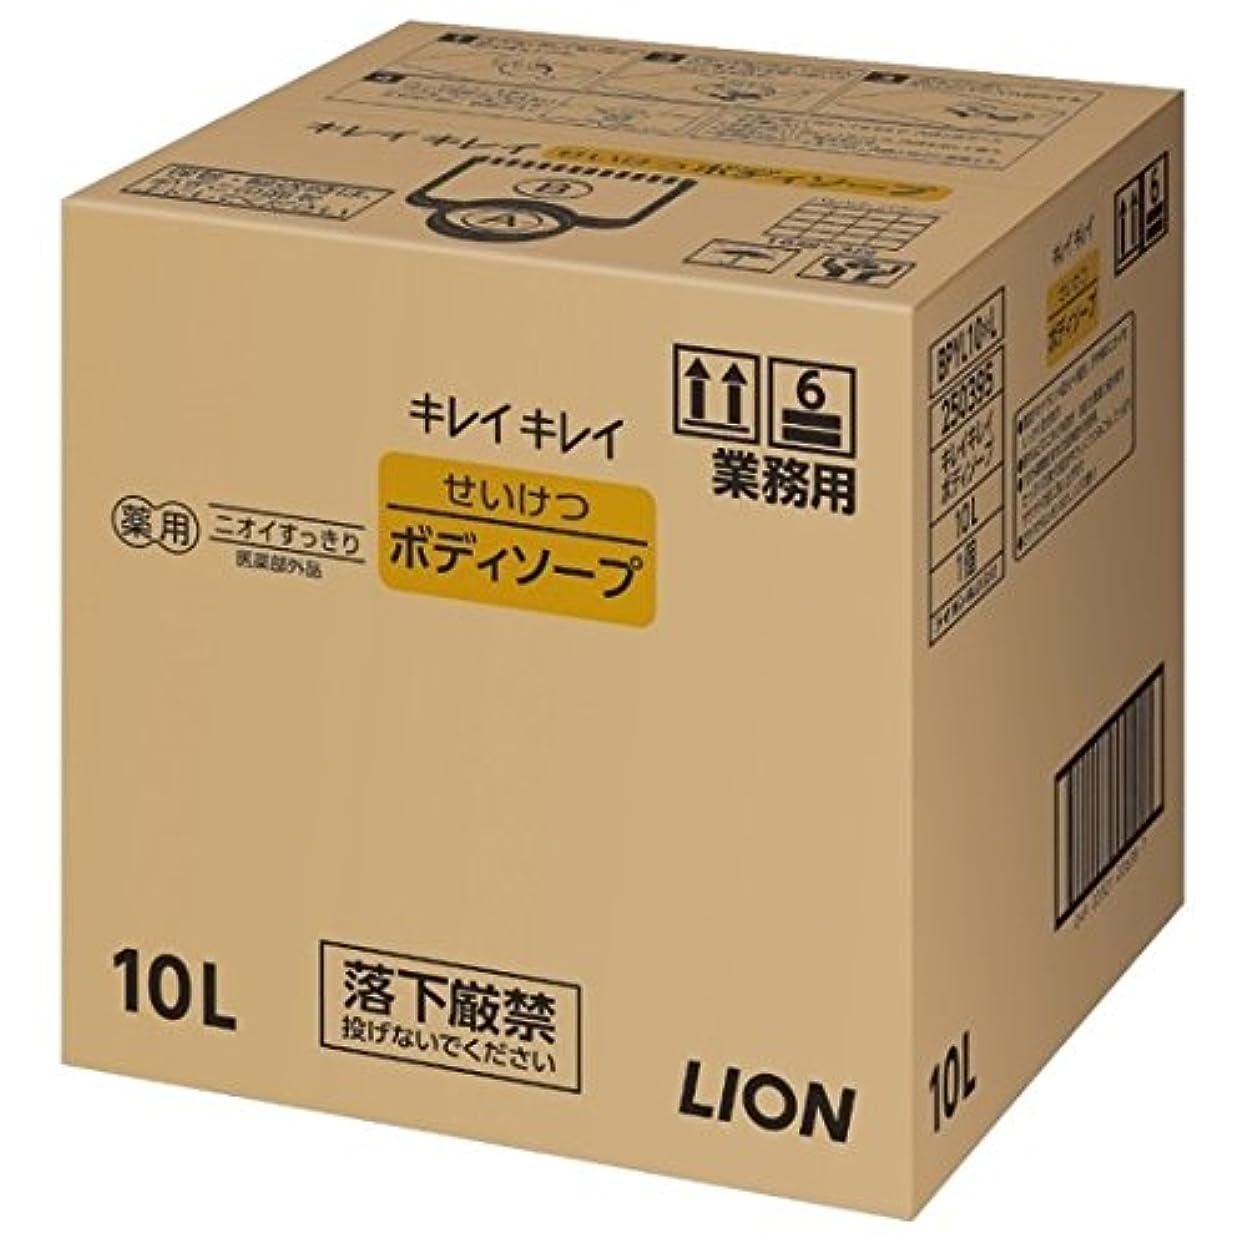 硬化する硬さ土砂降りライオン 業務用 キレイキレイ せいけつボディソープ 10L